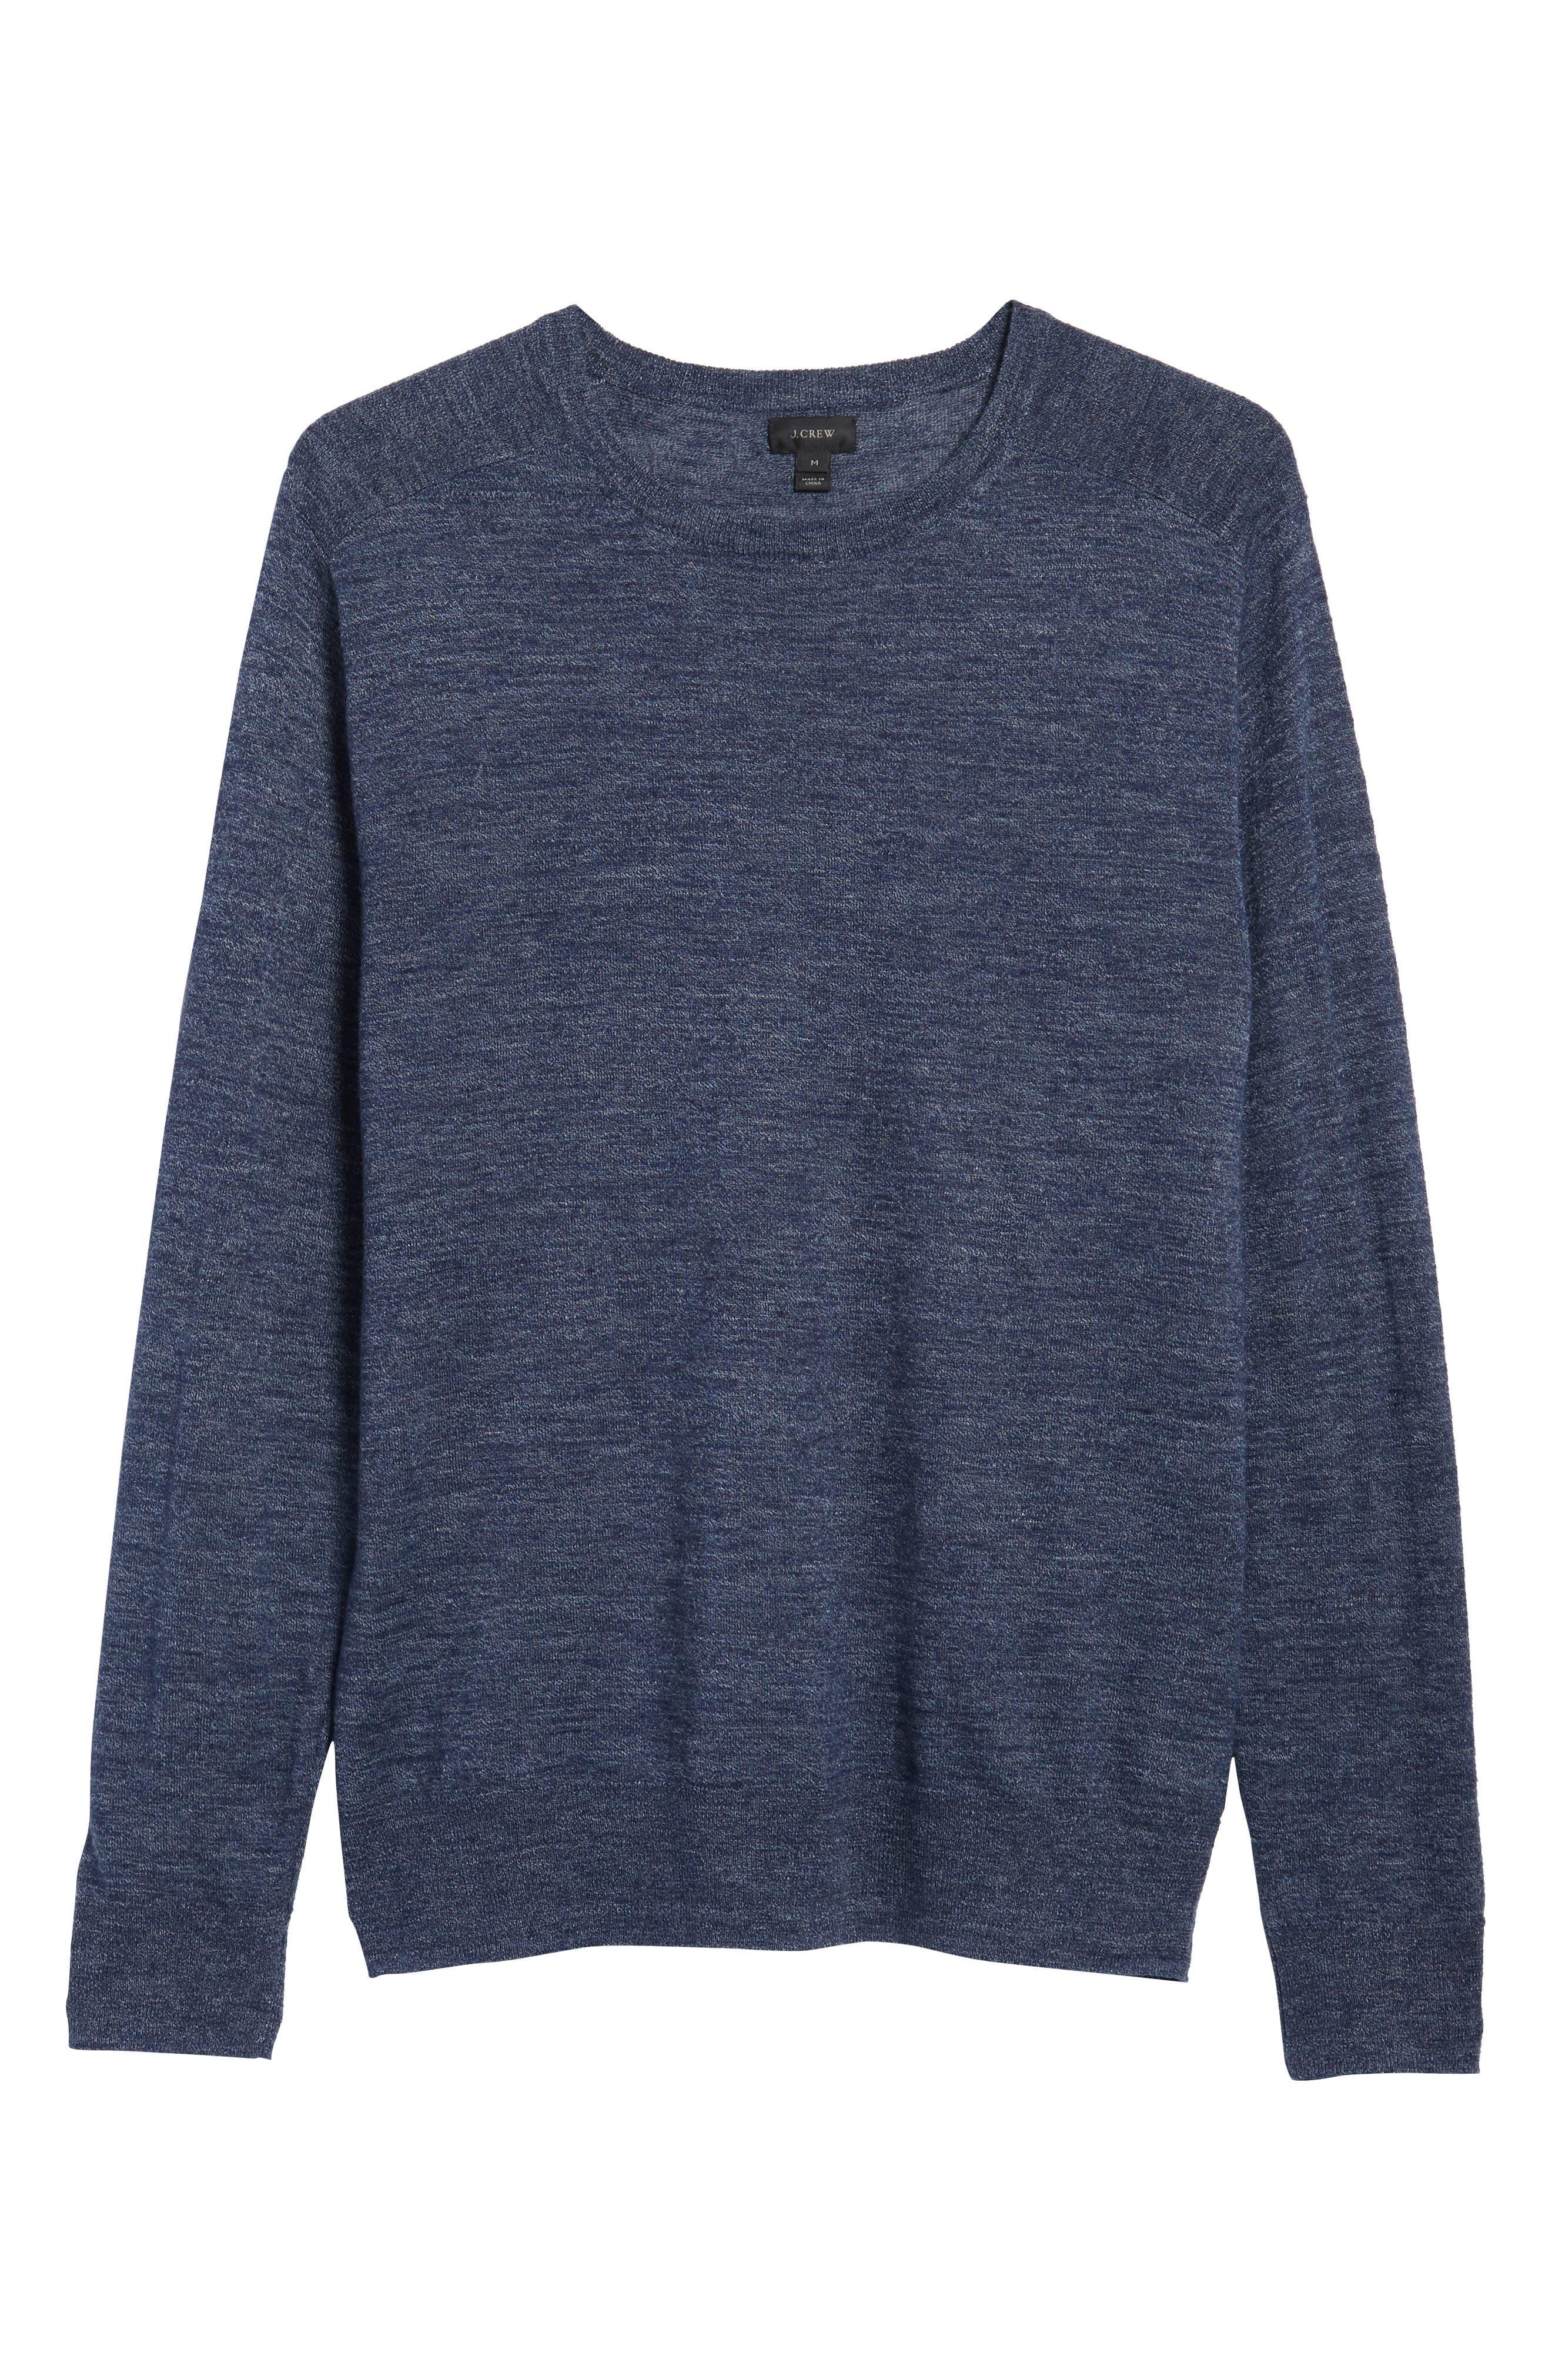 Cotton Blend Crewneck Sweater,                             Alternate thumbnail 23, color,